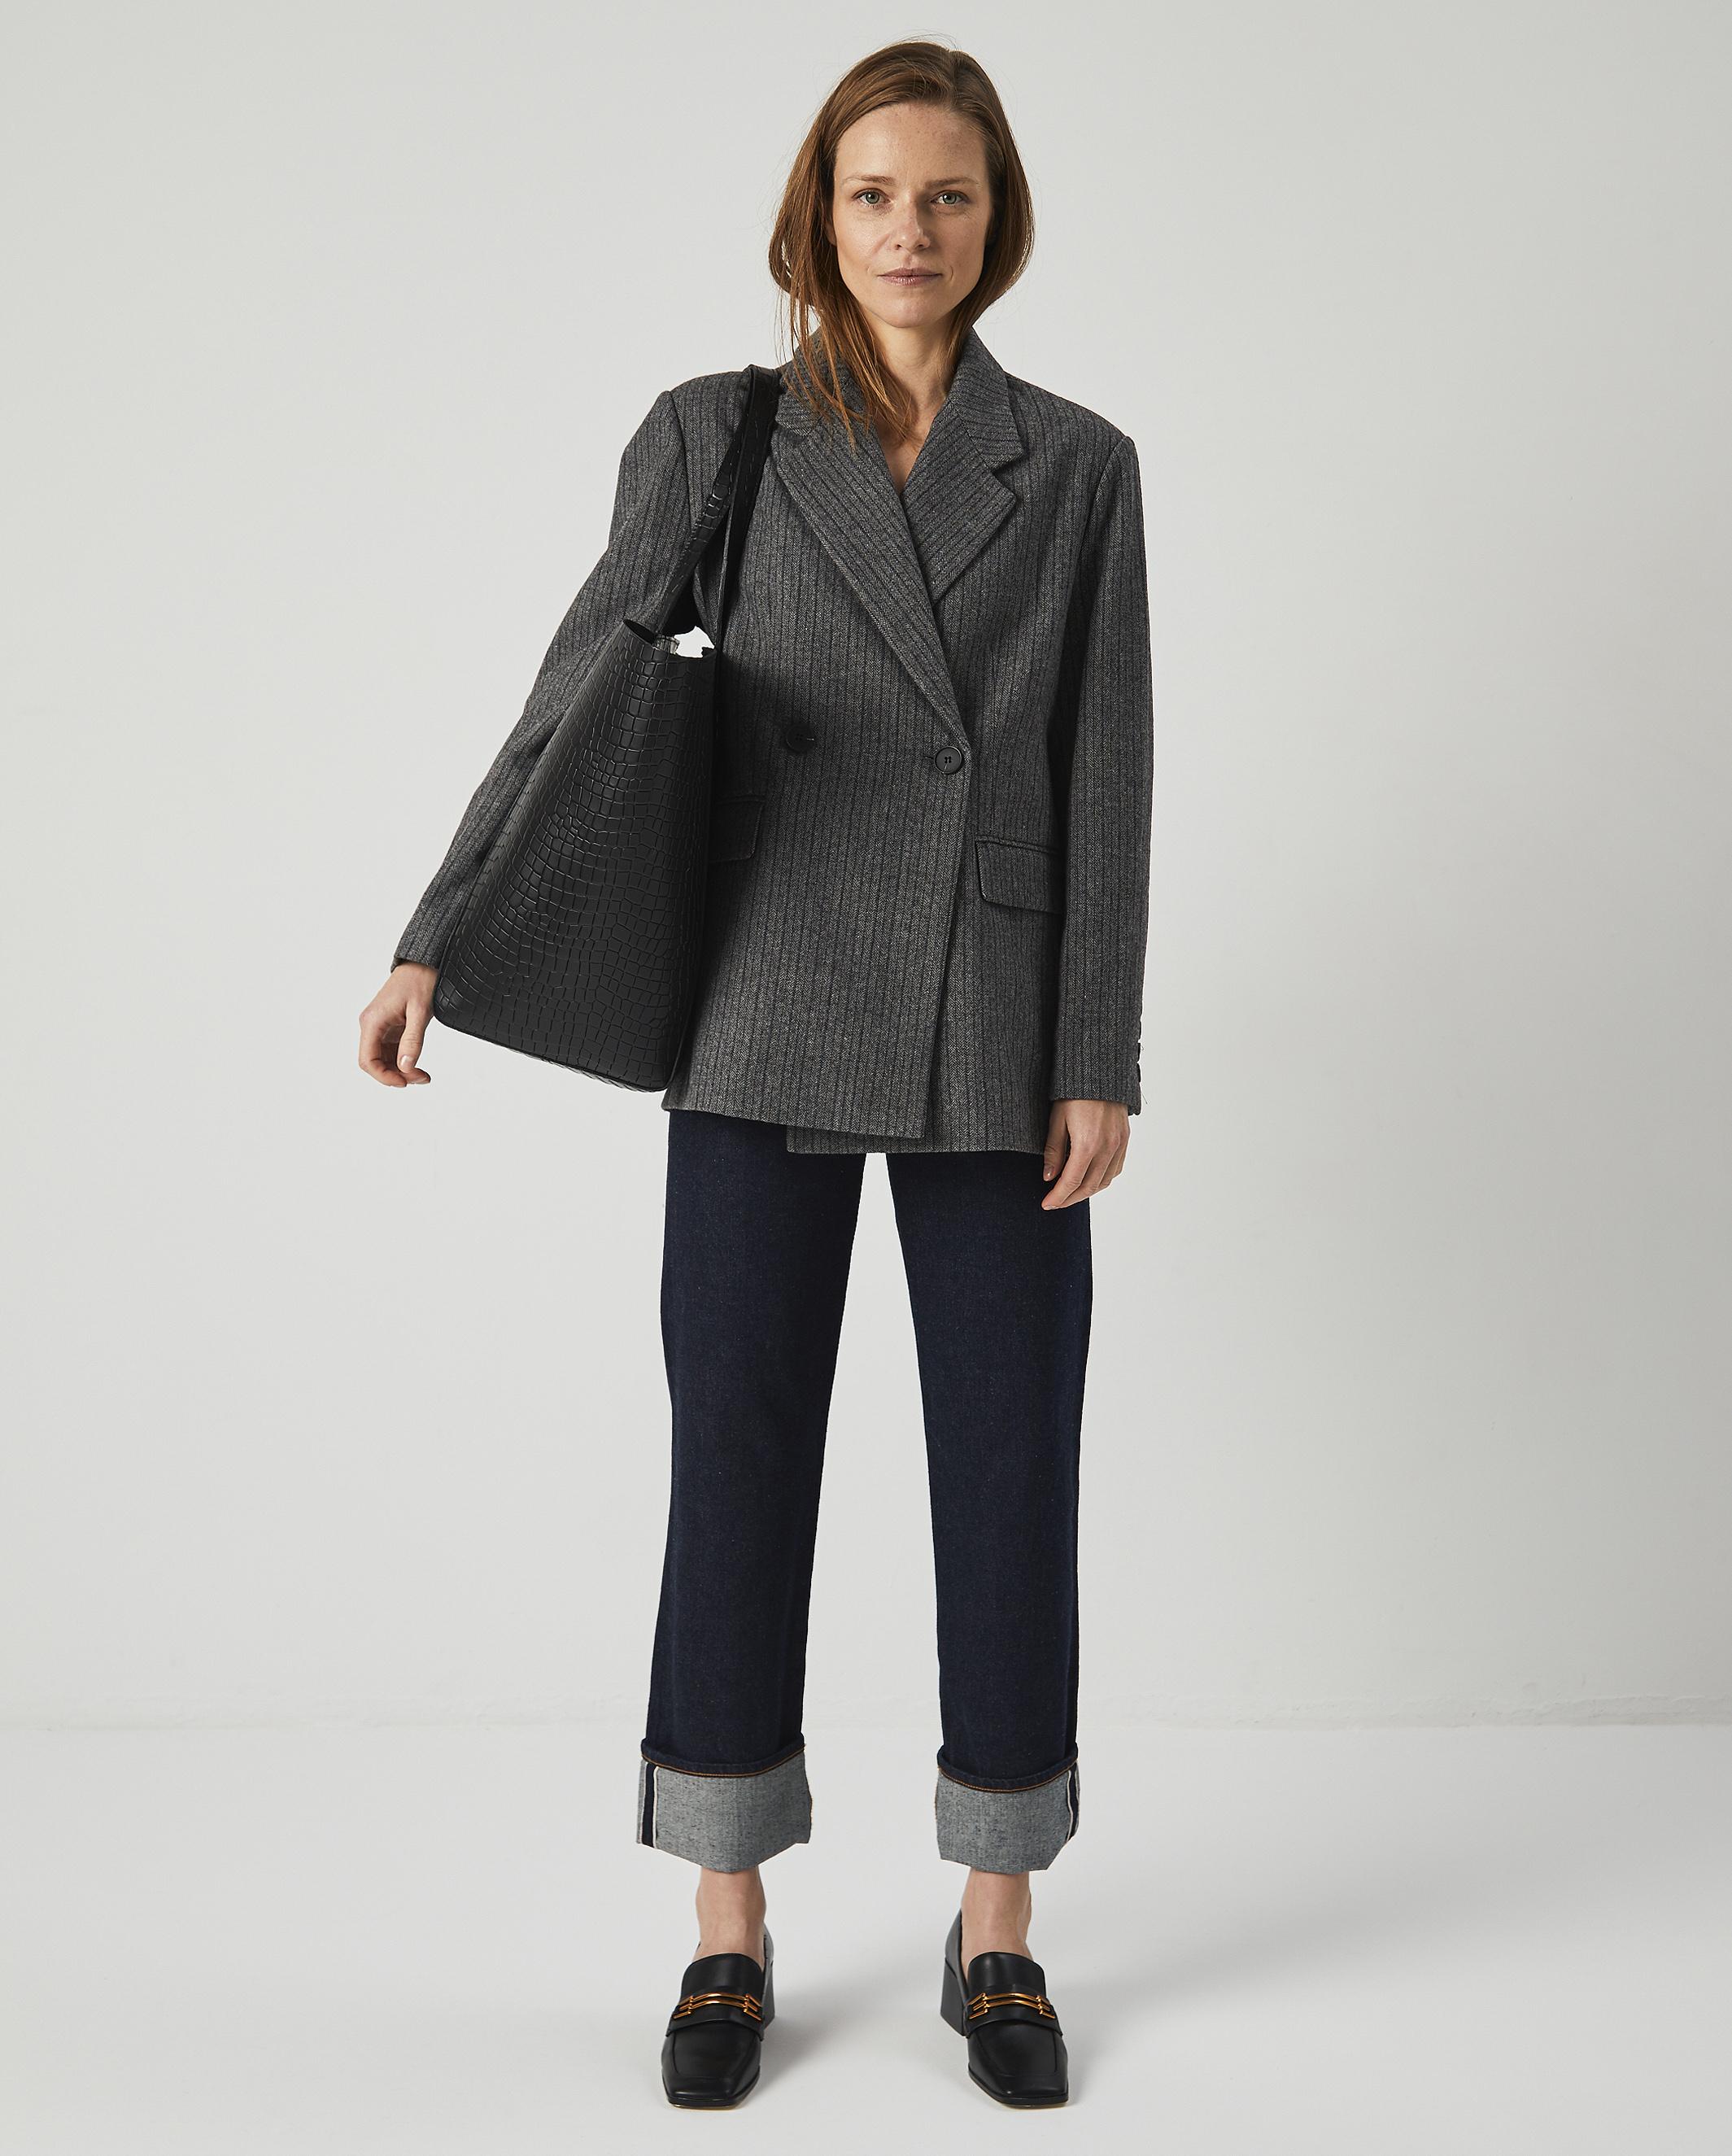 Torba ESTE Large Zip Weekender Bag Croco Black 6